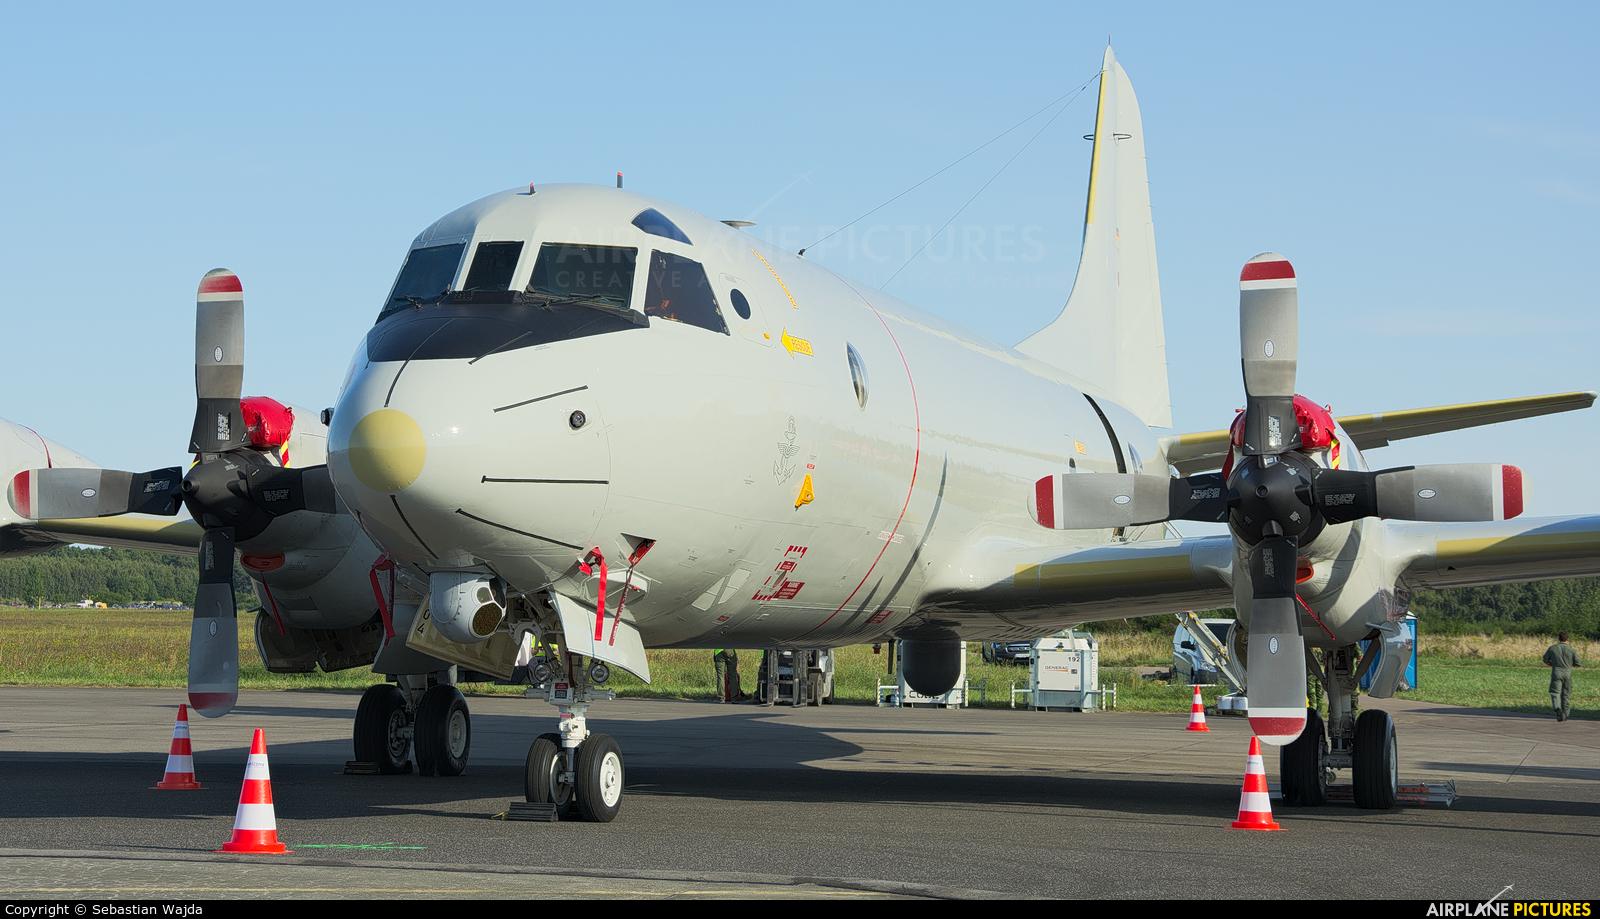 Germany - Navy 60+04 aircraft at Gdynia- Babie Doły (Oksywie)